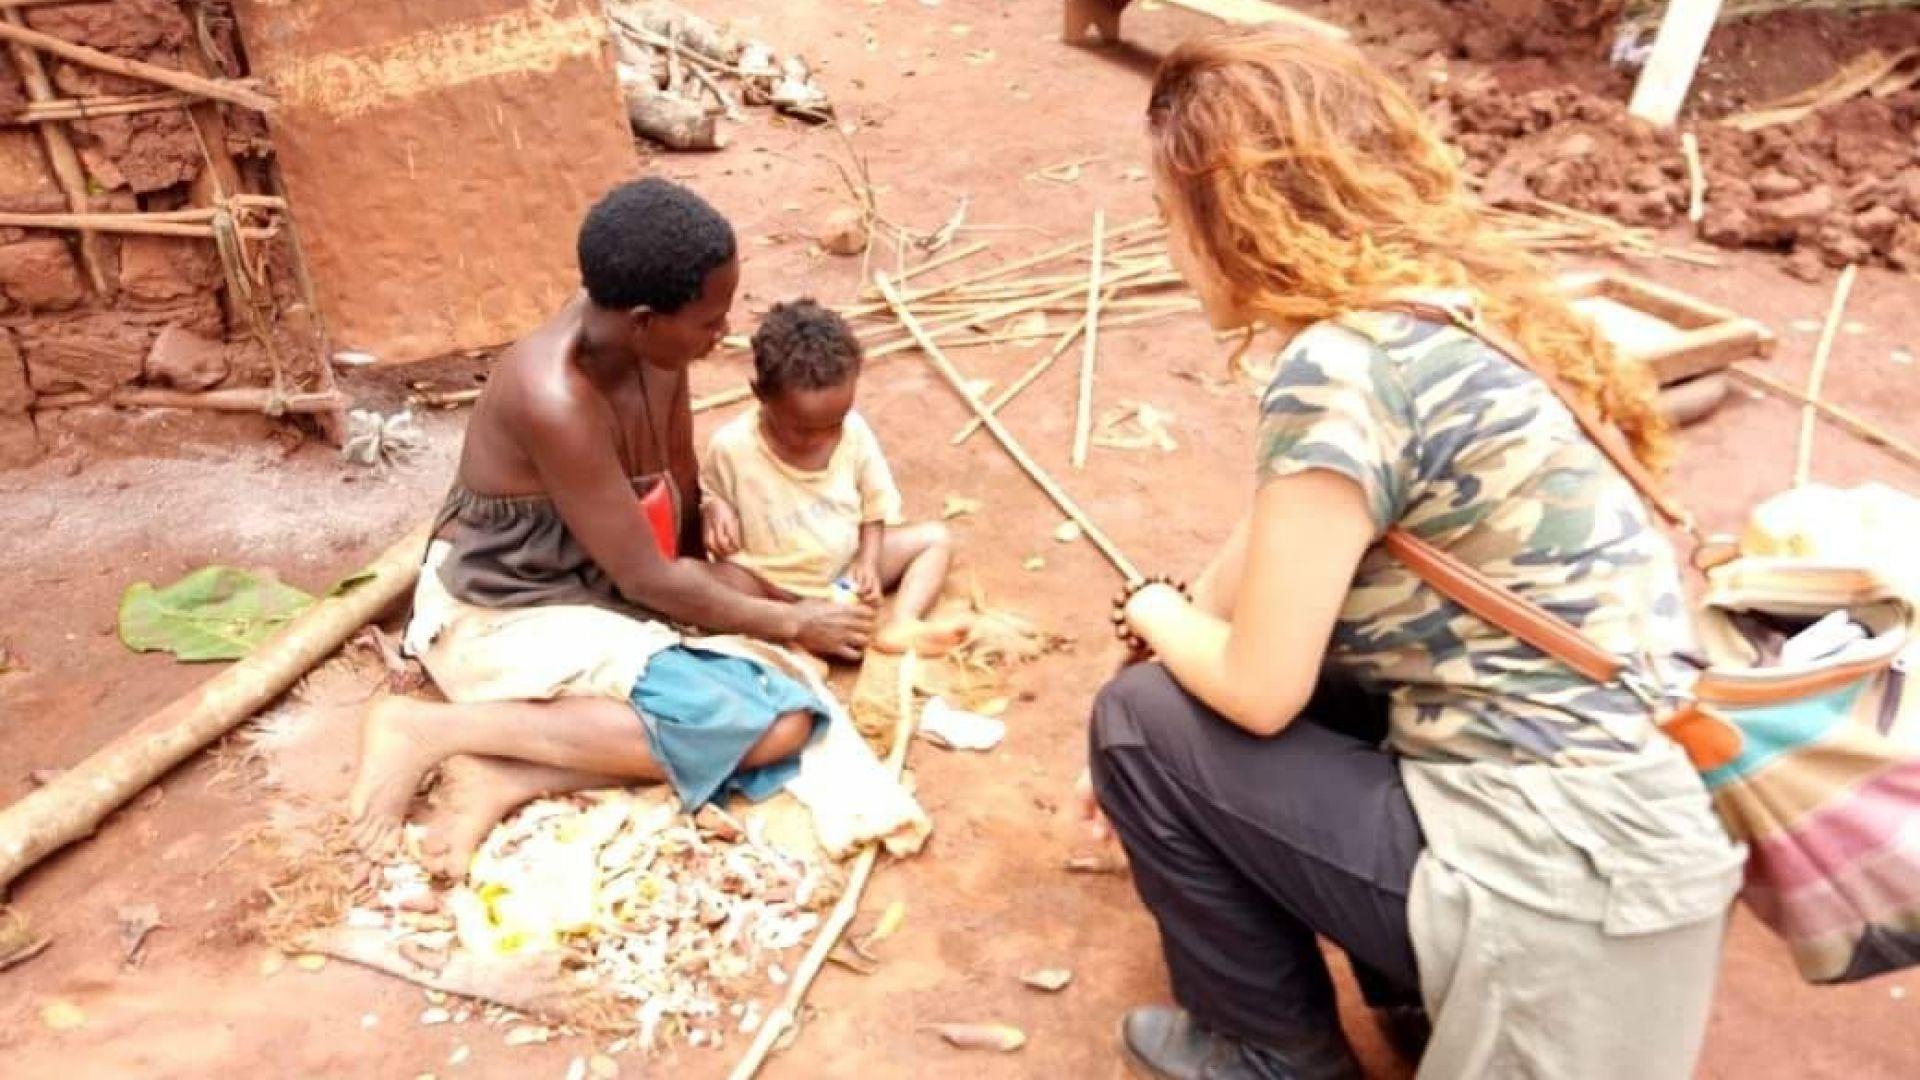 Българи финансират образованието на сираци в Уганда